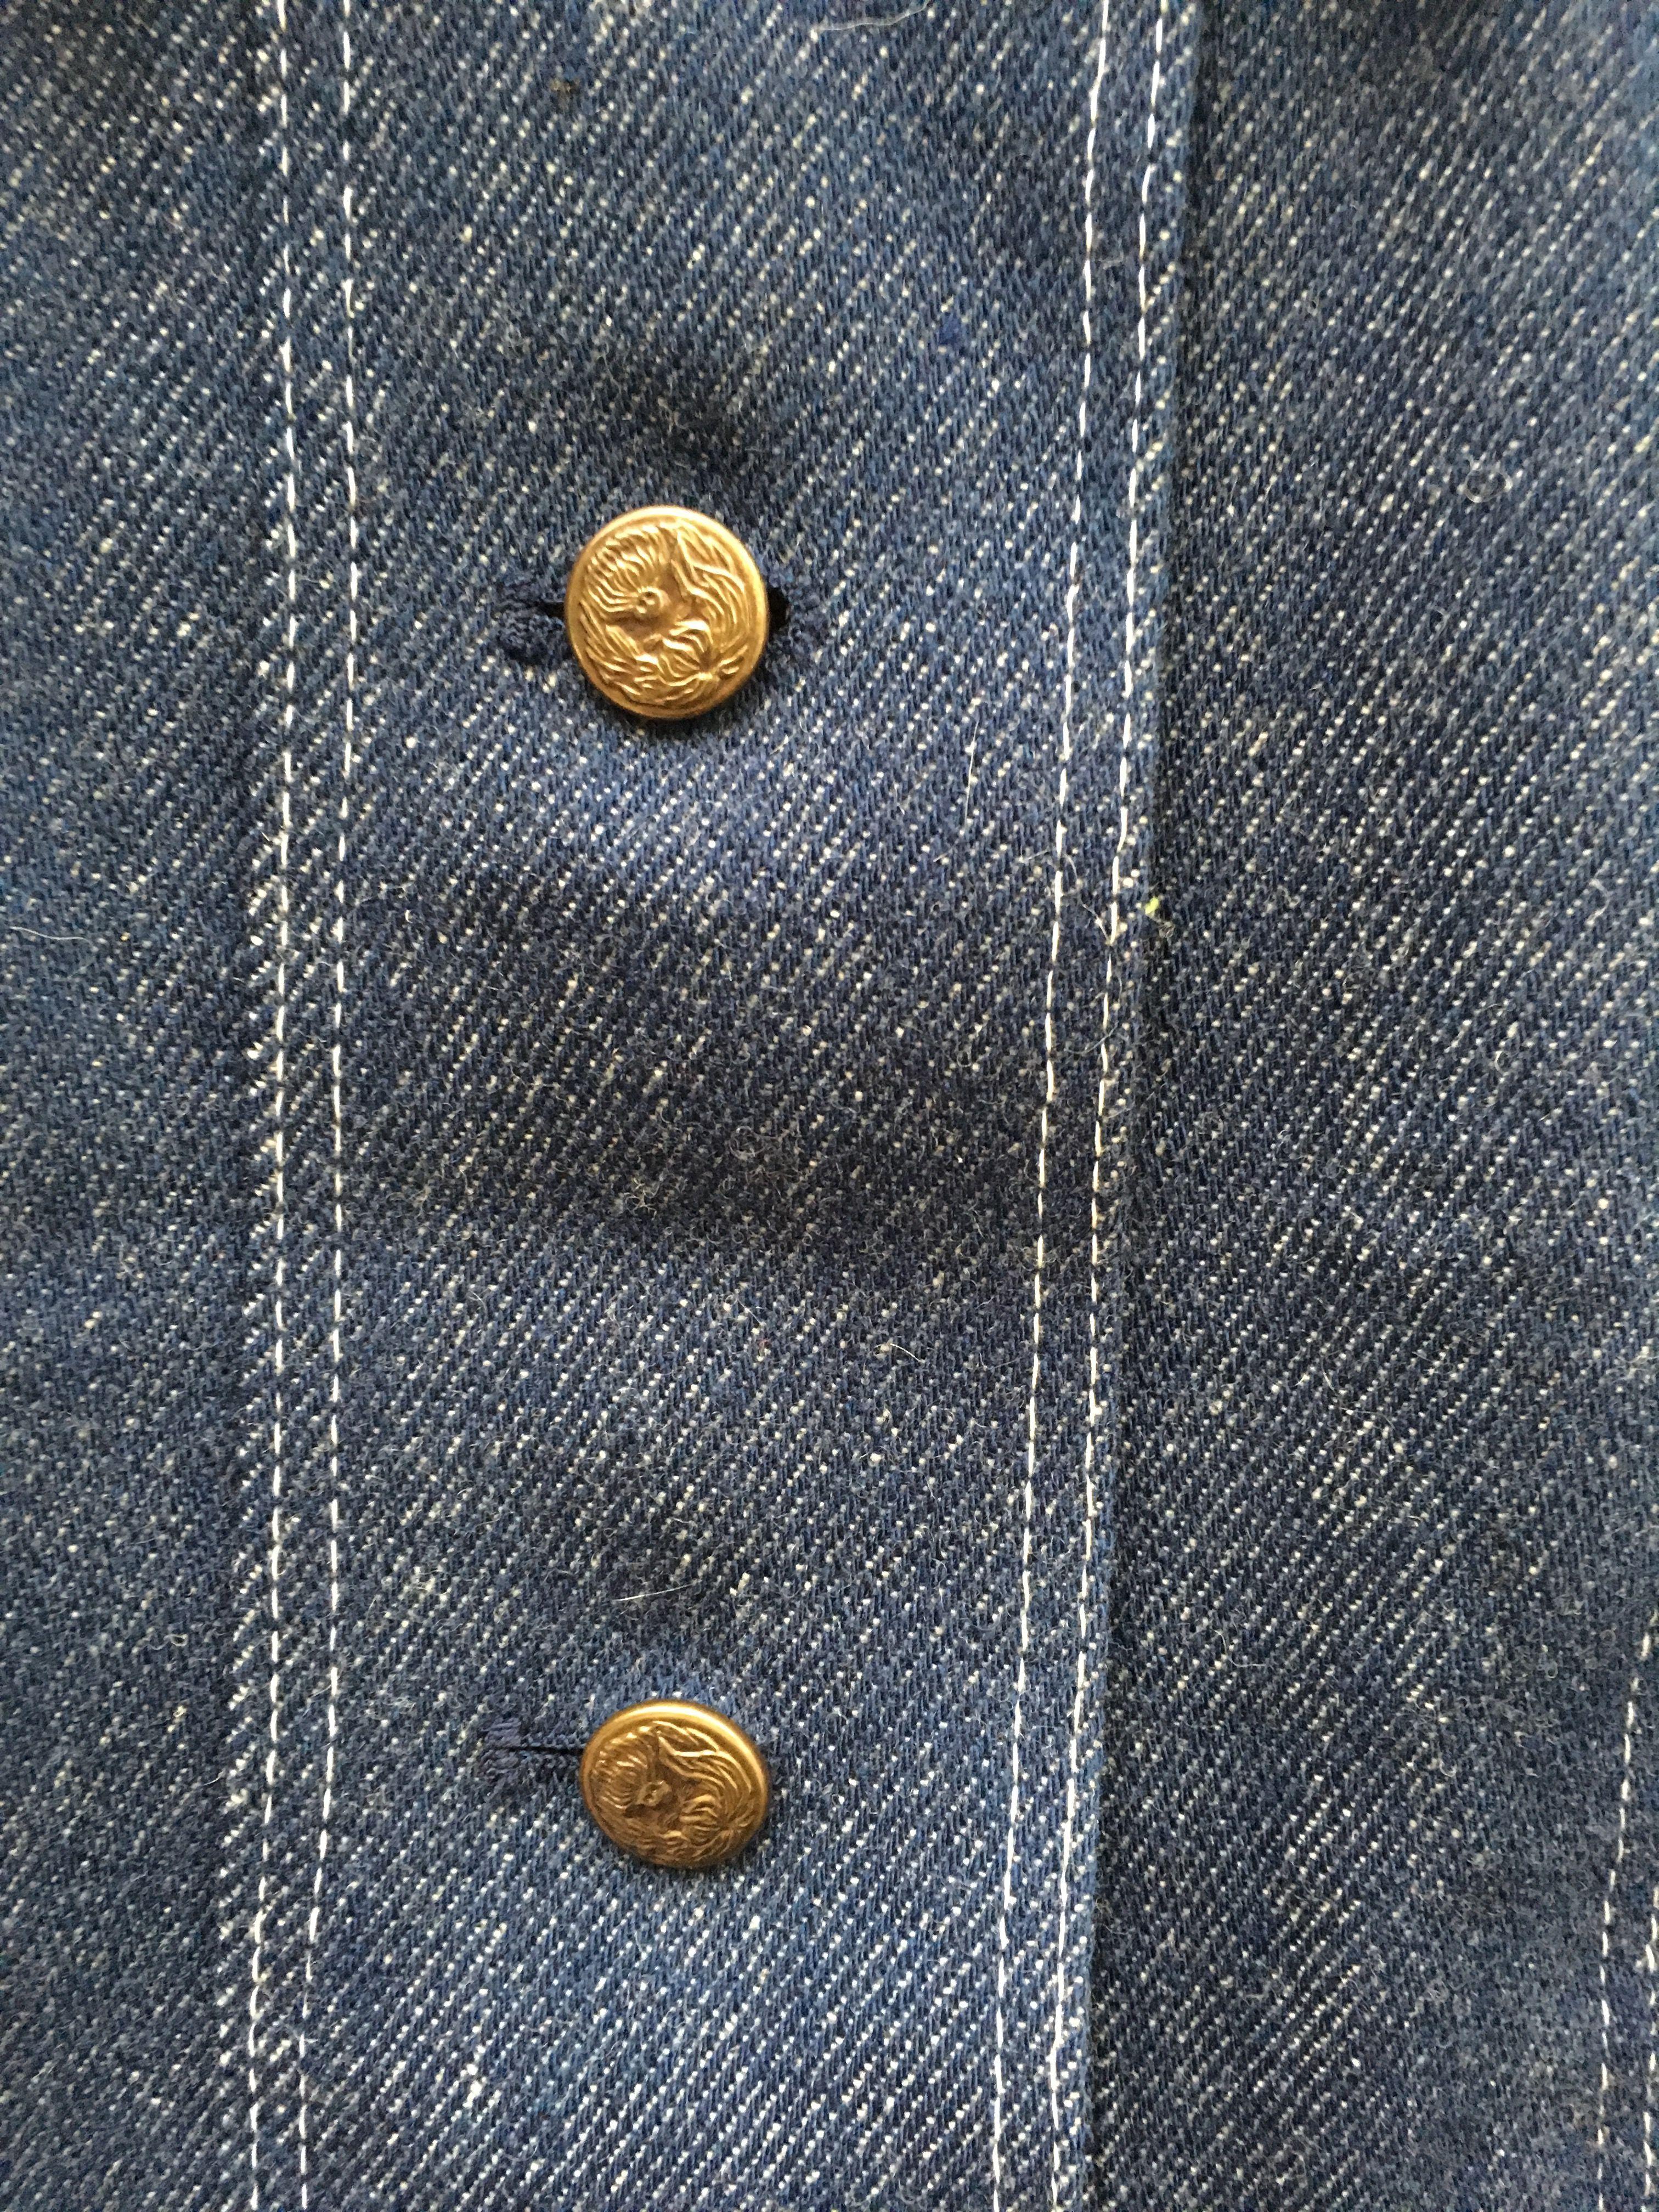 Manteaux - Trench en jean